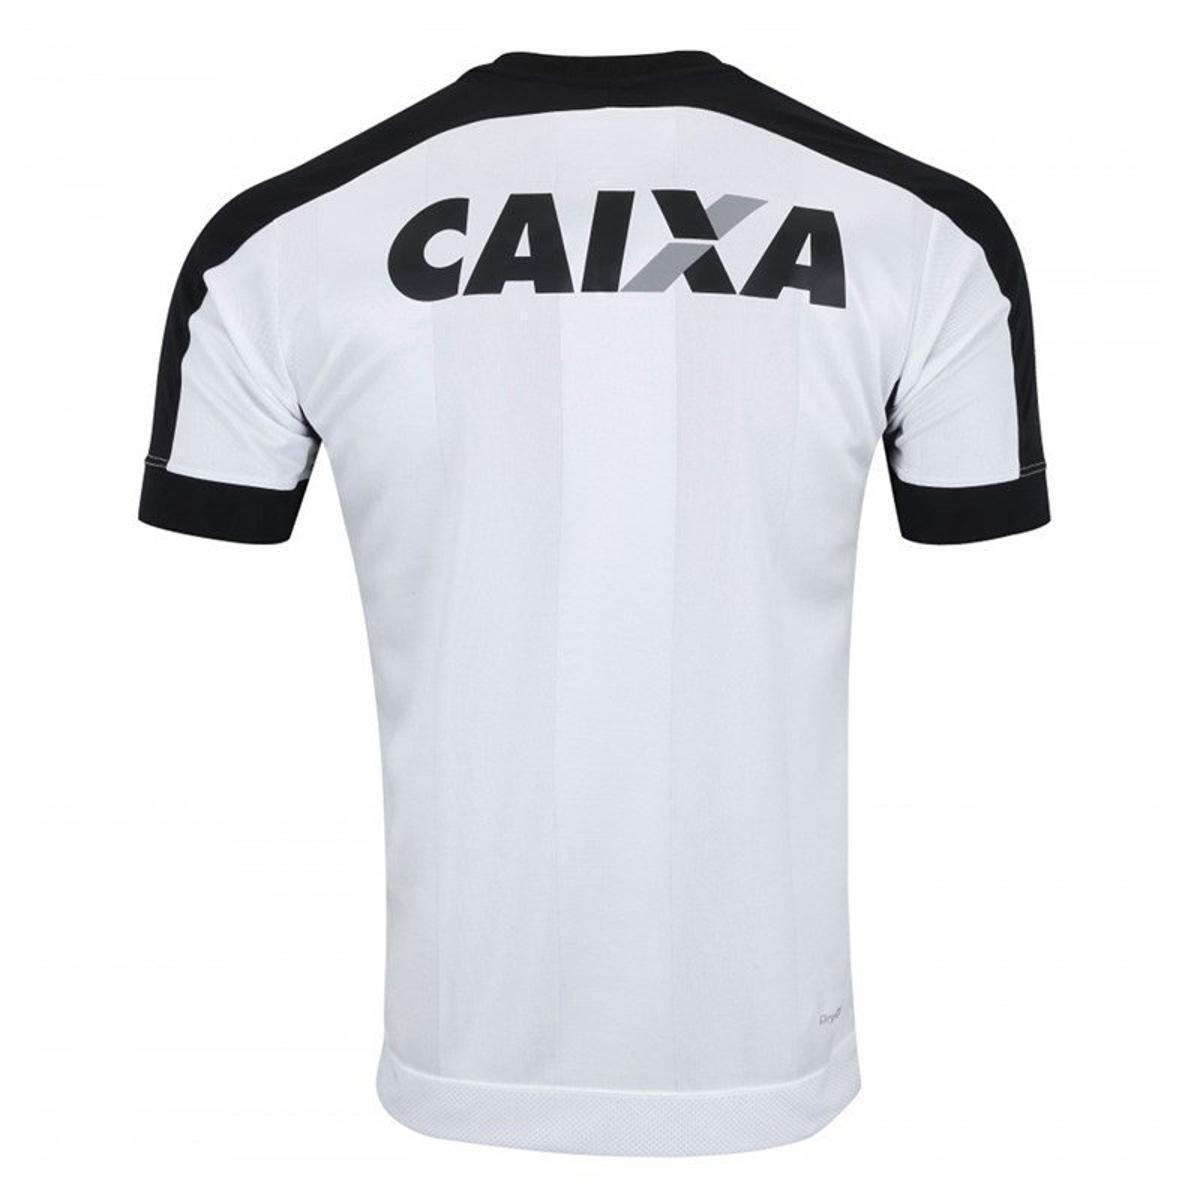 9b965678cb Camisa Topper Botafogo III 2017 Masculina - Branco e Preto - Compre ...